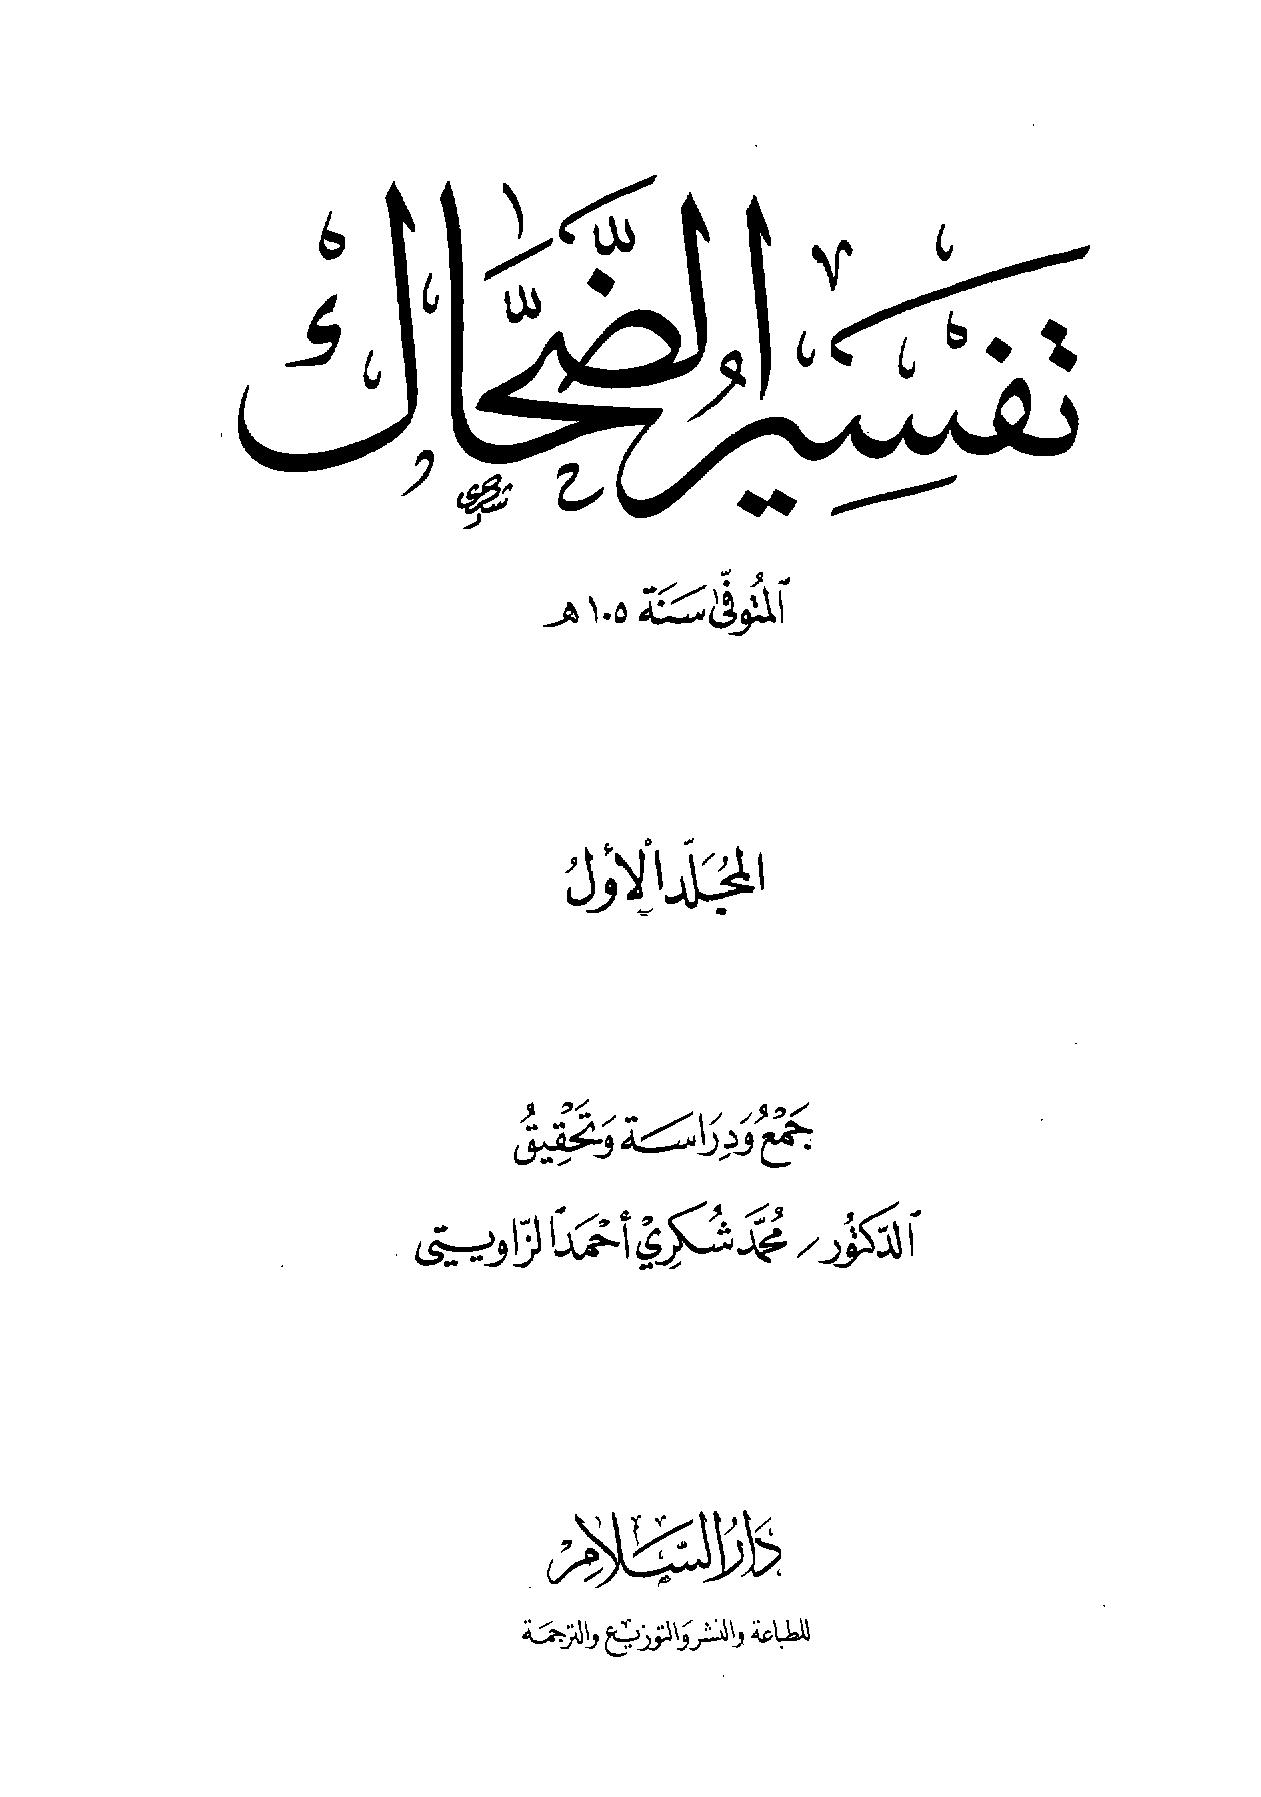 تحميل كتاب تفسير الضحاك لـِ: الدكتور محمد شكري أحمد الزاويتي